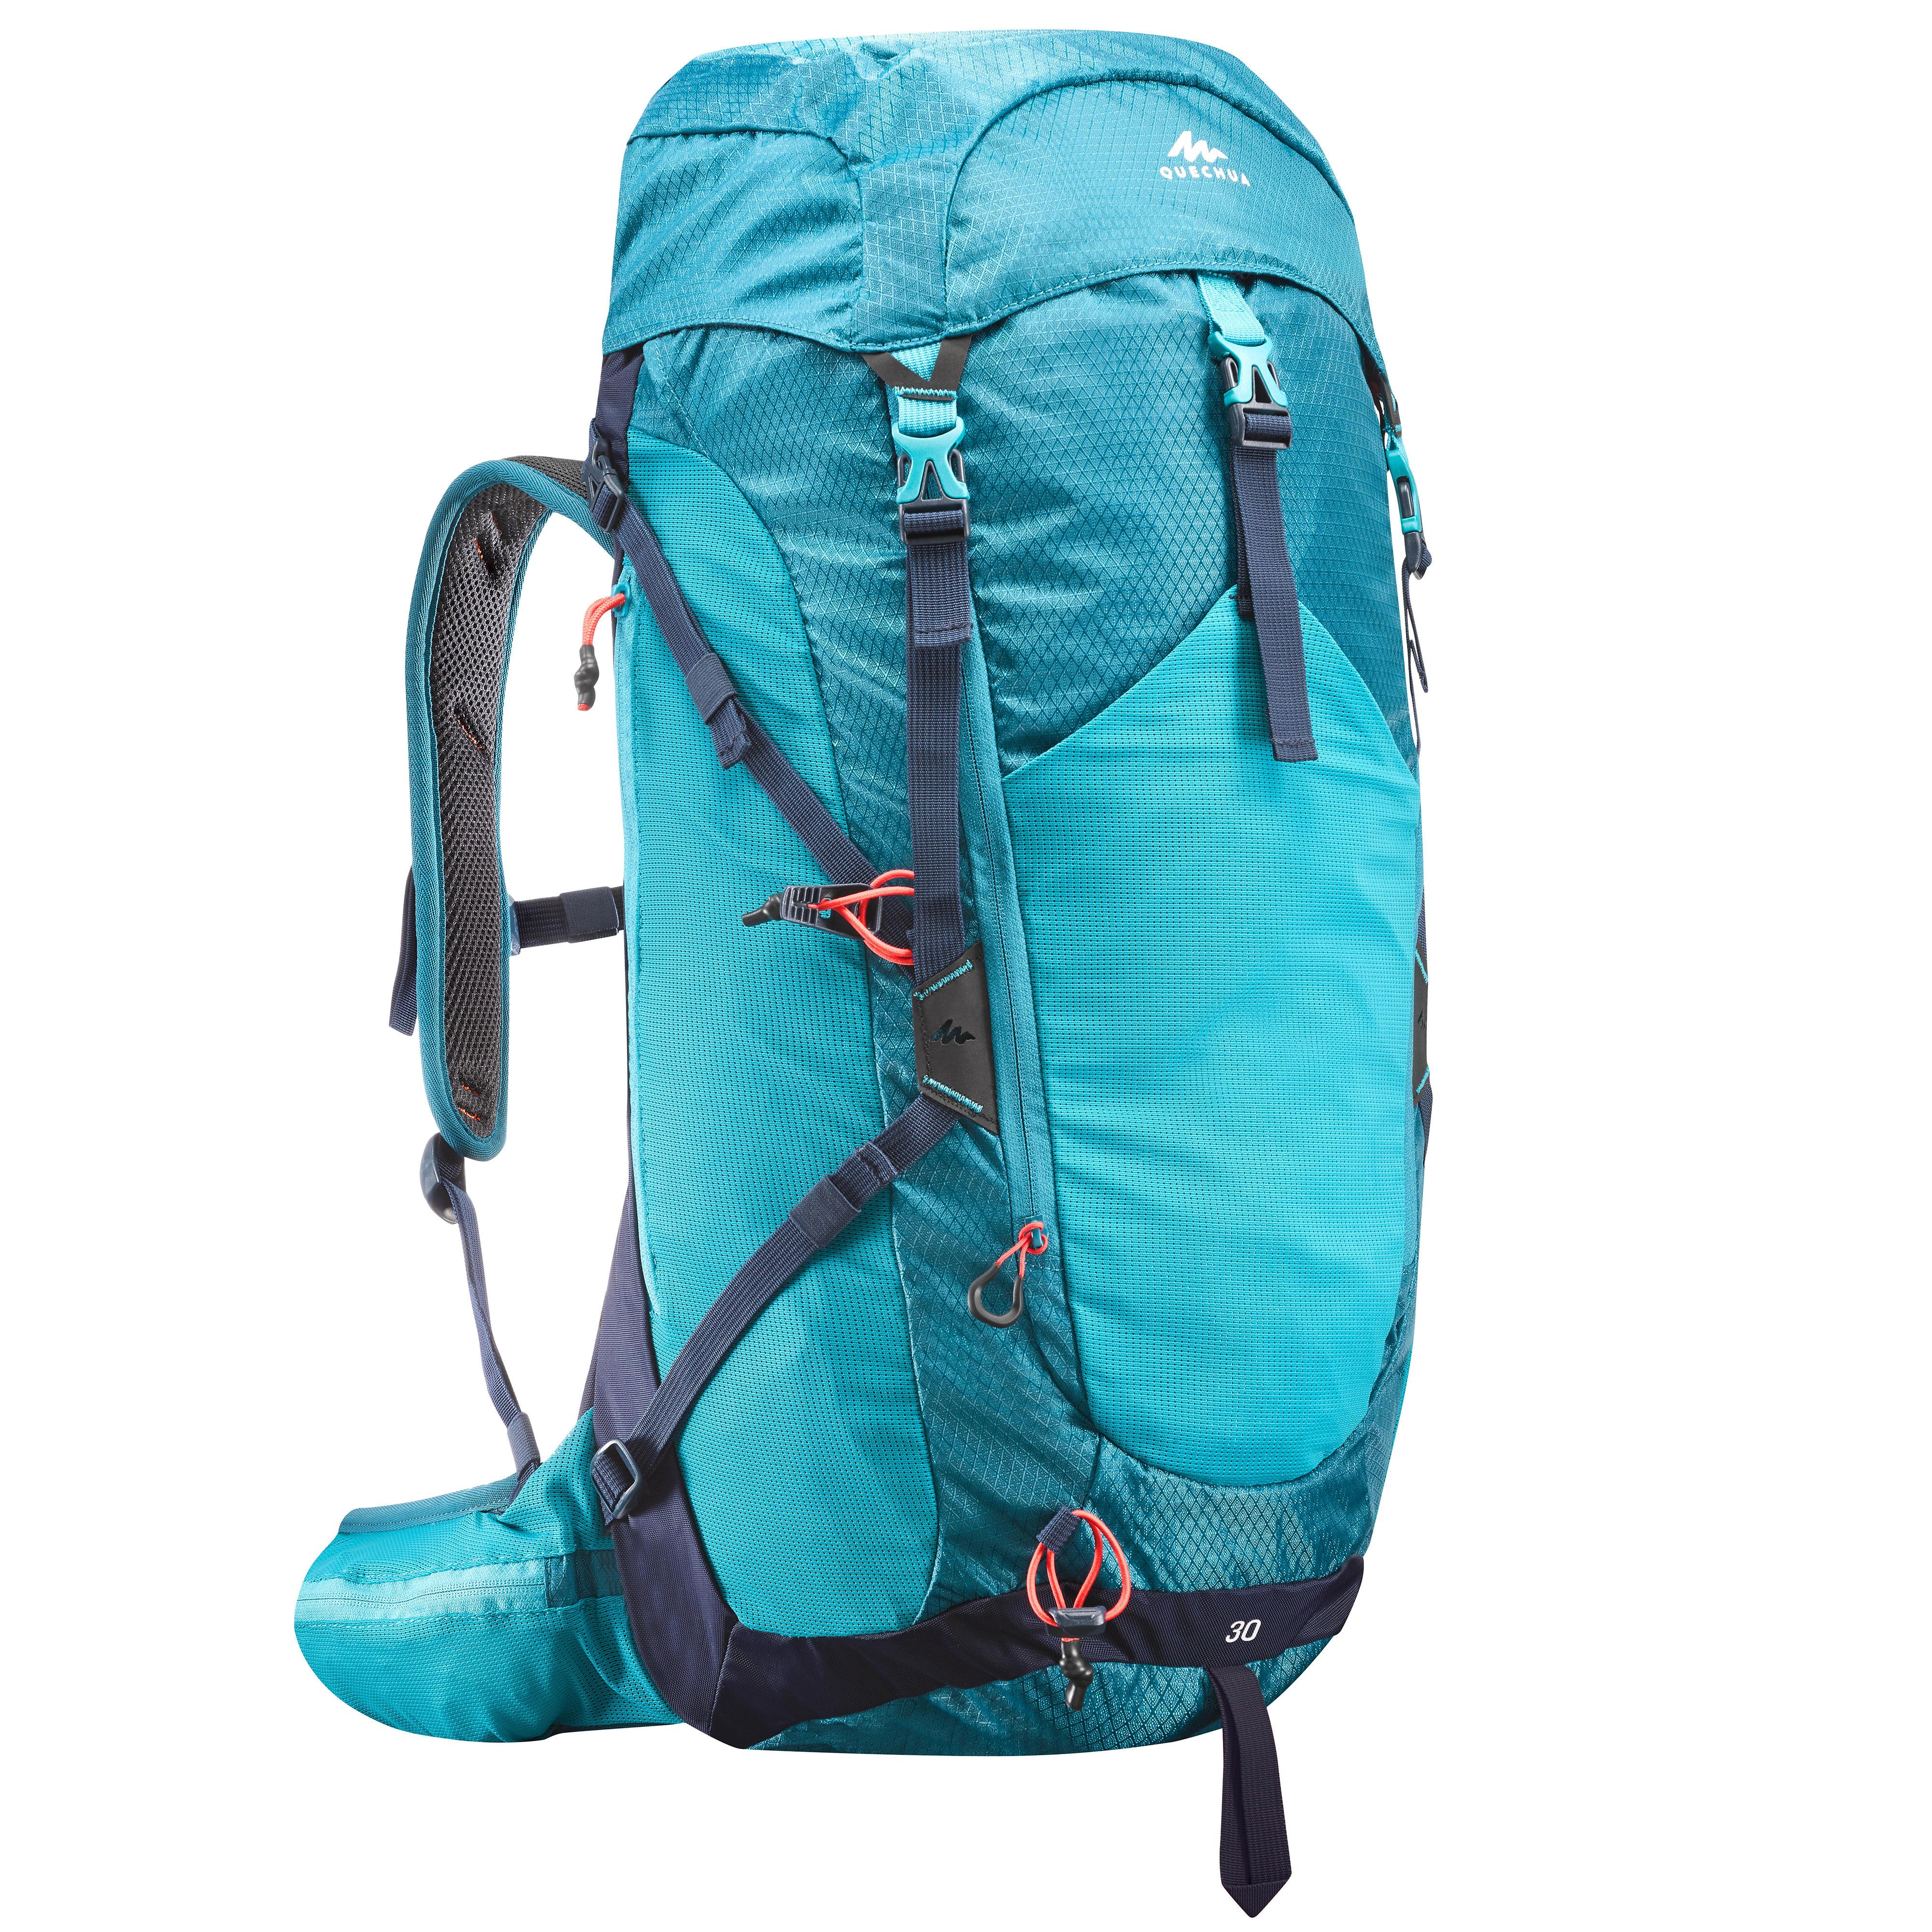 d4365bcd979 Quechua wandelen rugzak wandelrugzak voor bergtochten mh500 30 liter blauw.  onze bevlogen ontwikkelaars .